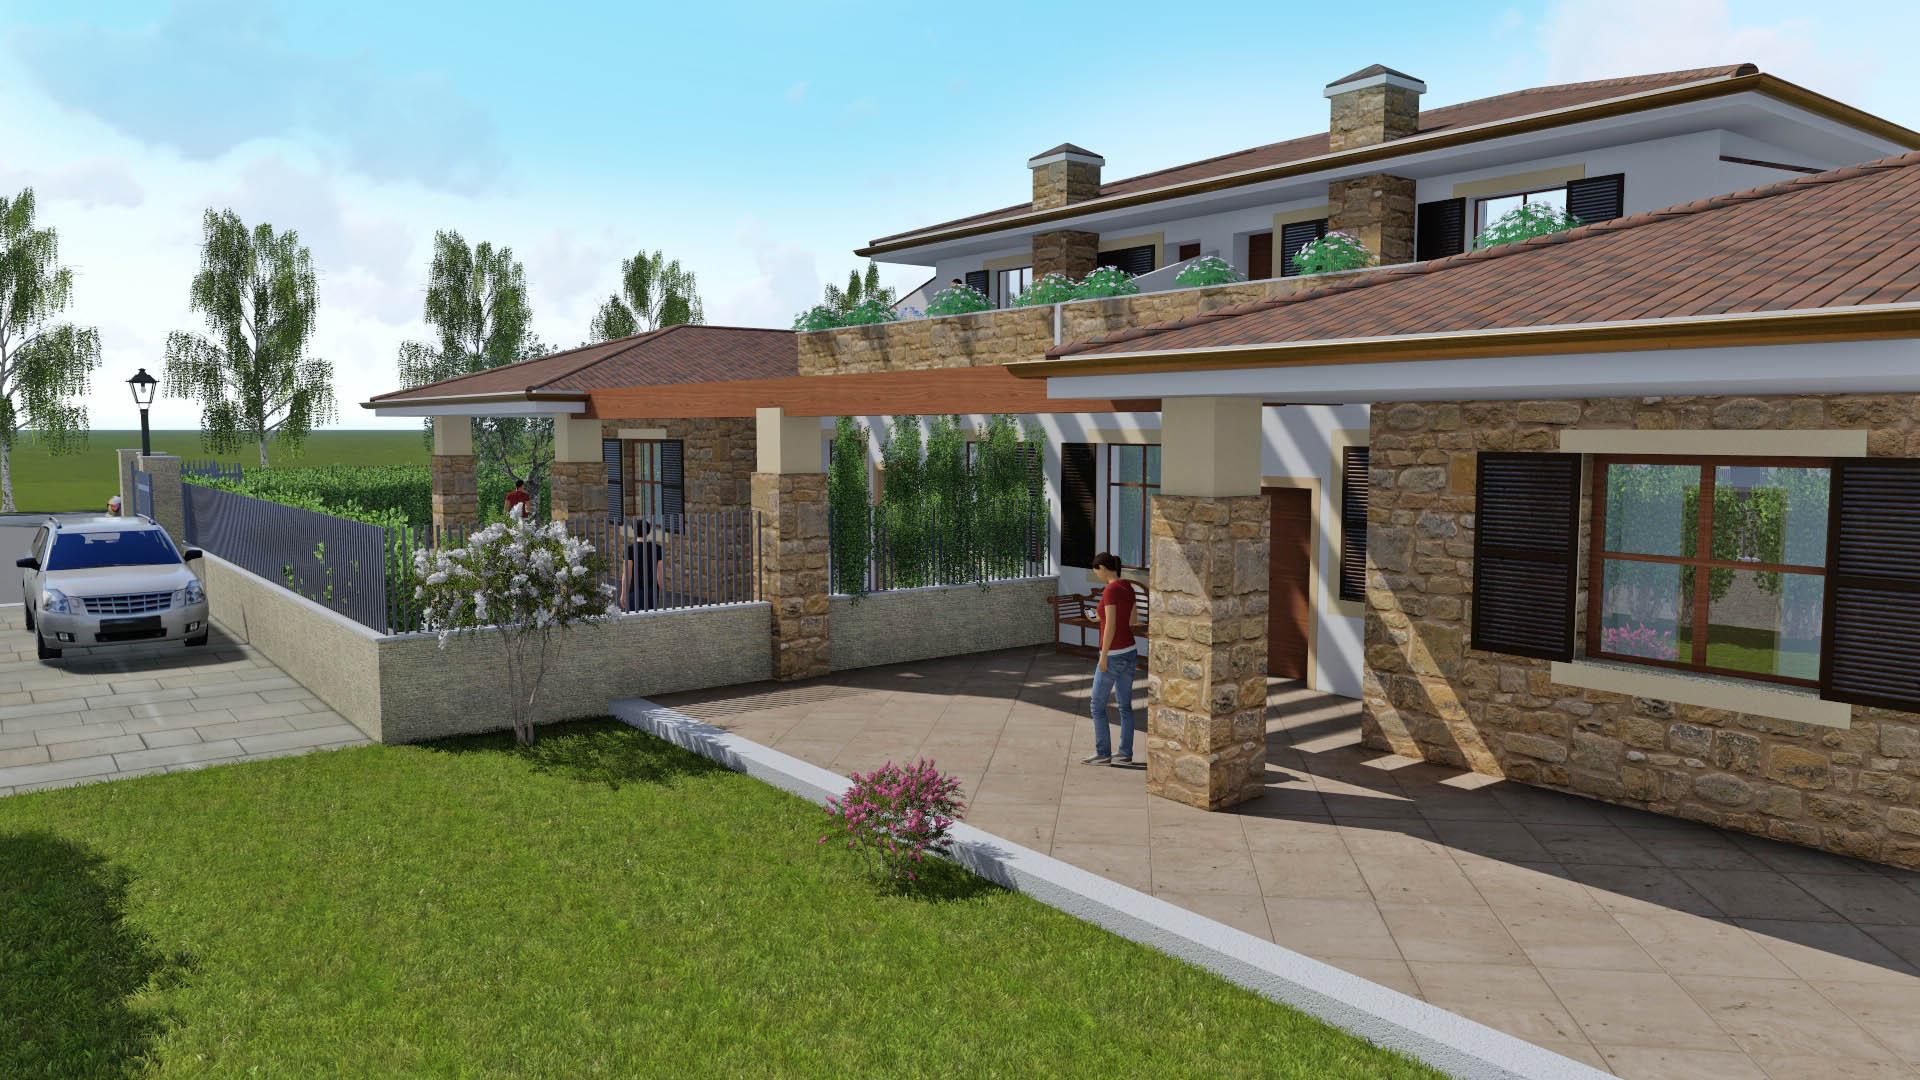 Progetto cava pace a roma ville di nuova costruzione for Progetto ville moderne nuova costruzione